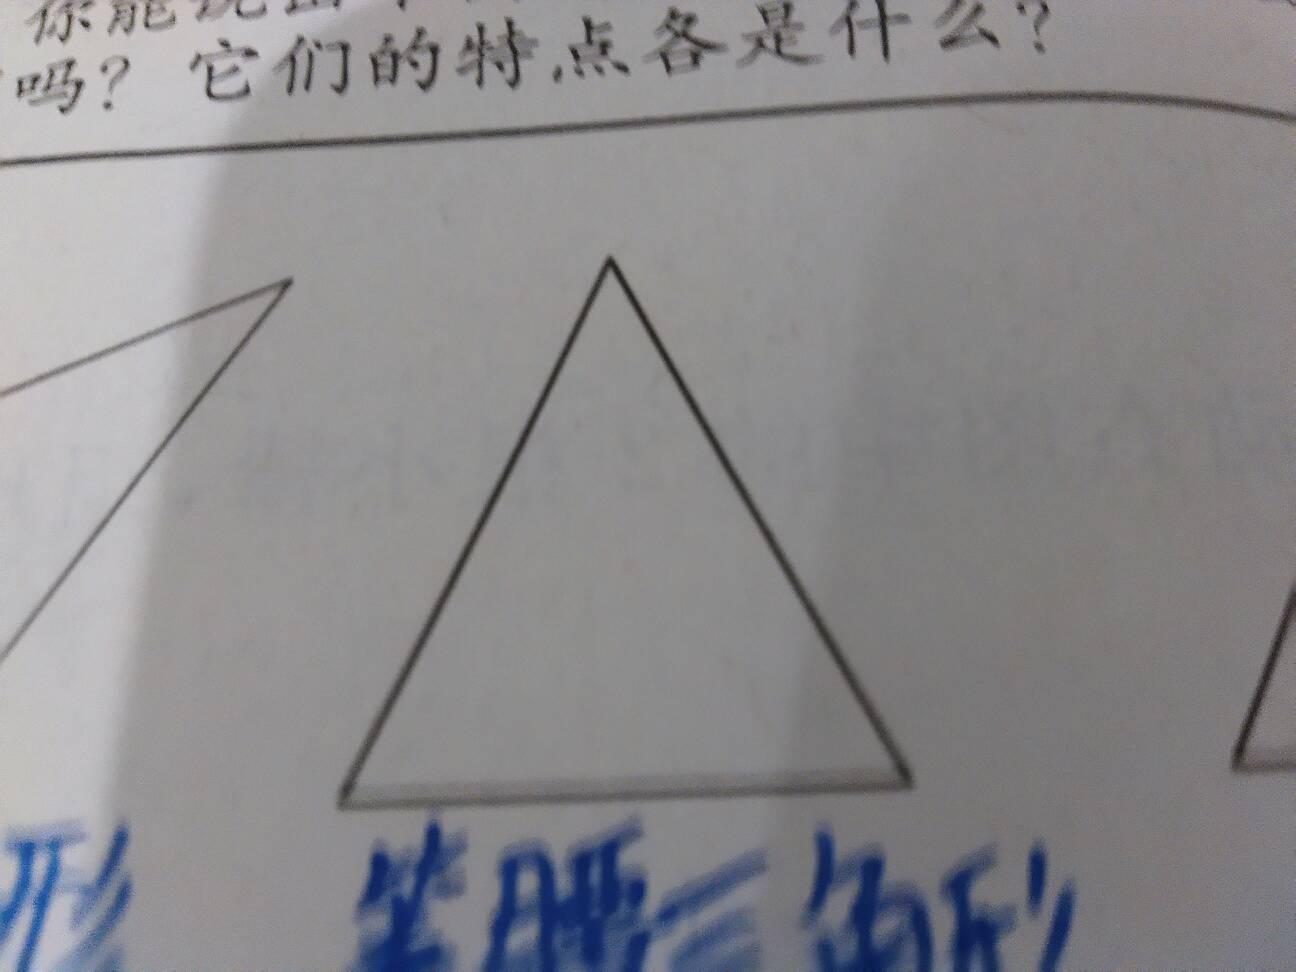 有两个角是锐角的三角形叫锐角三角形.对还是错呀?图片